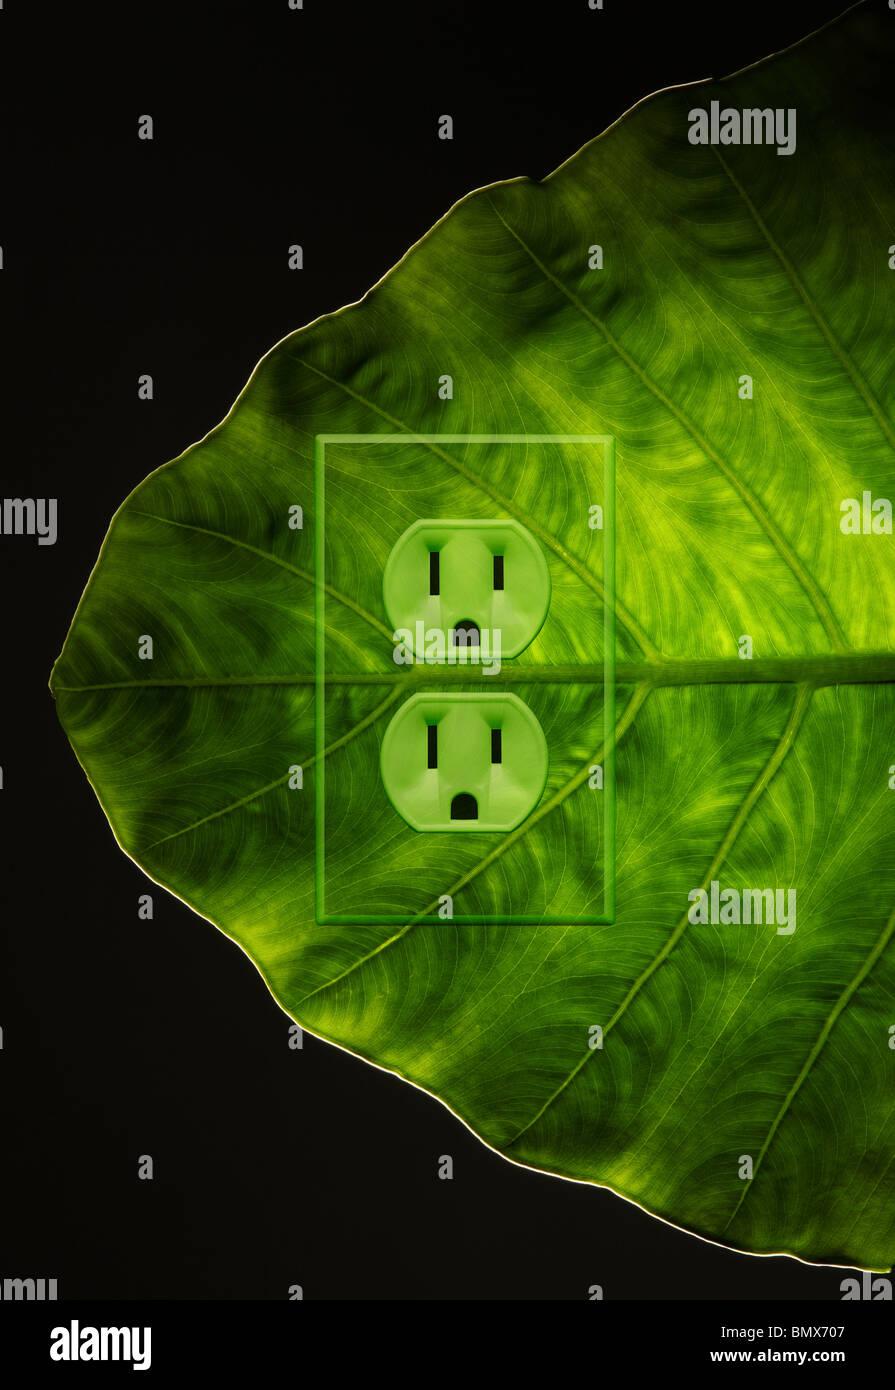 Une plante verte feuille avec une prise d'alimentation électrique Photo Stock